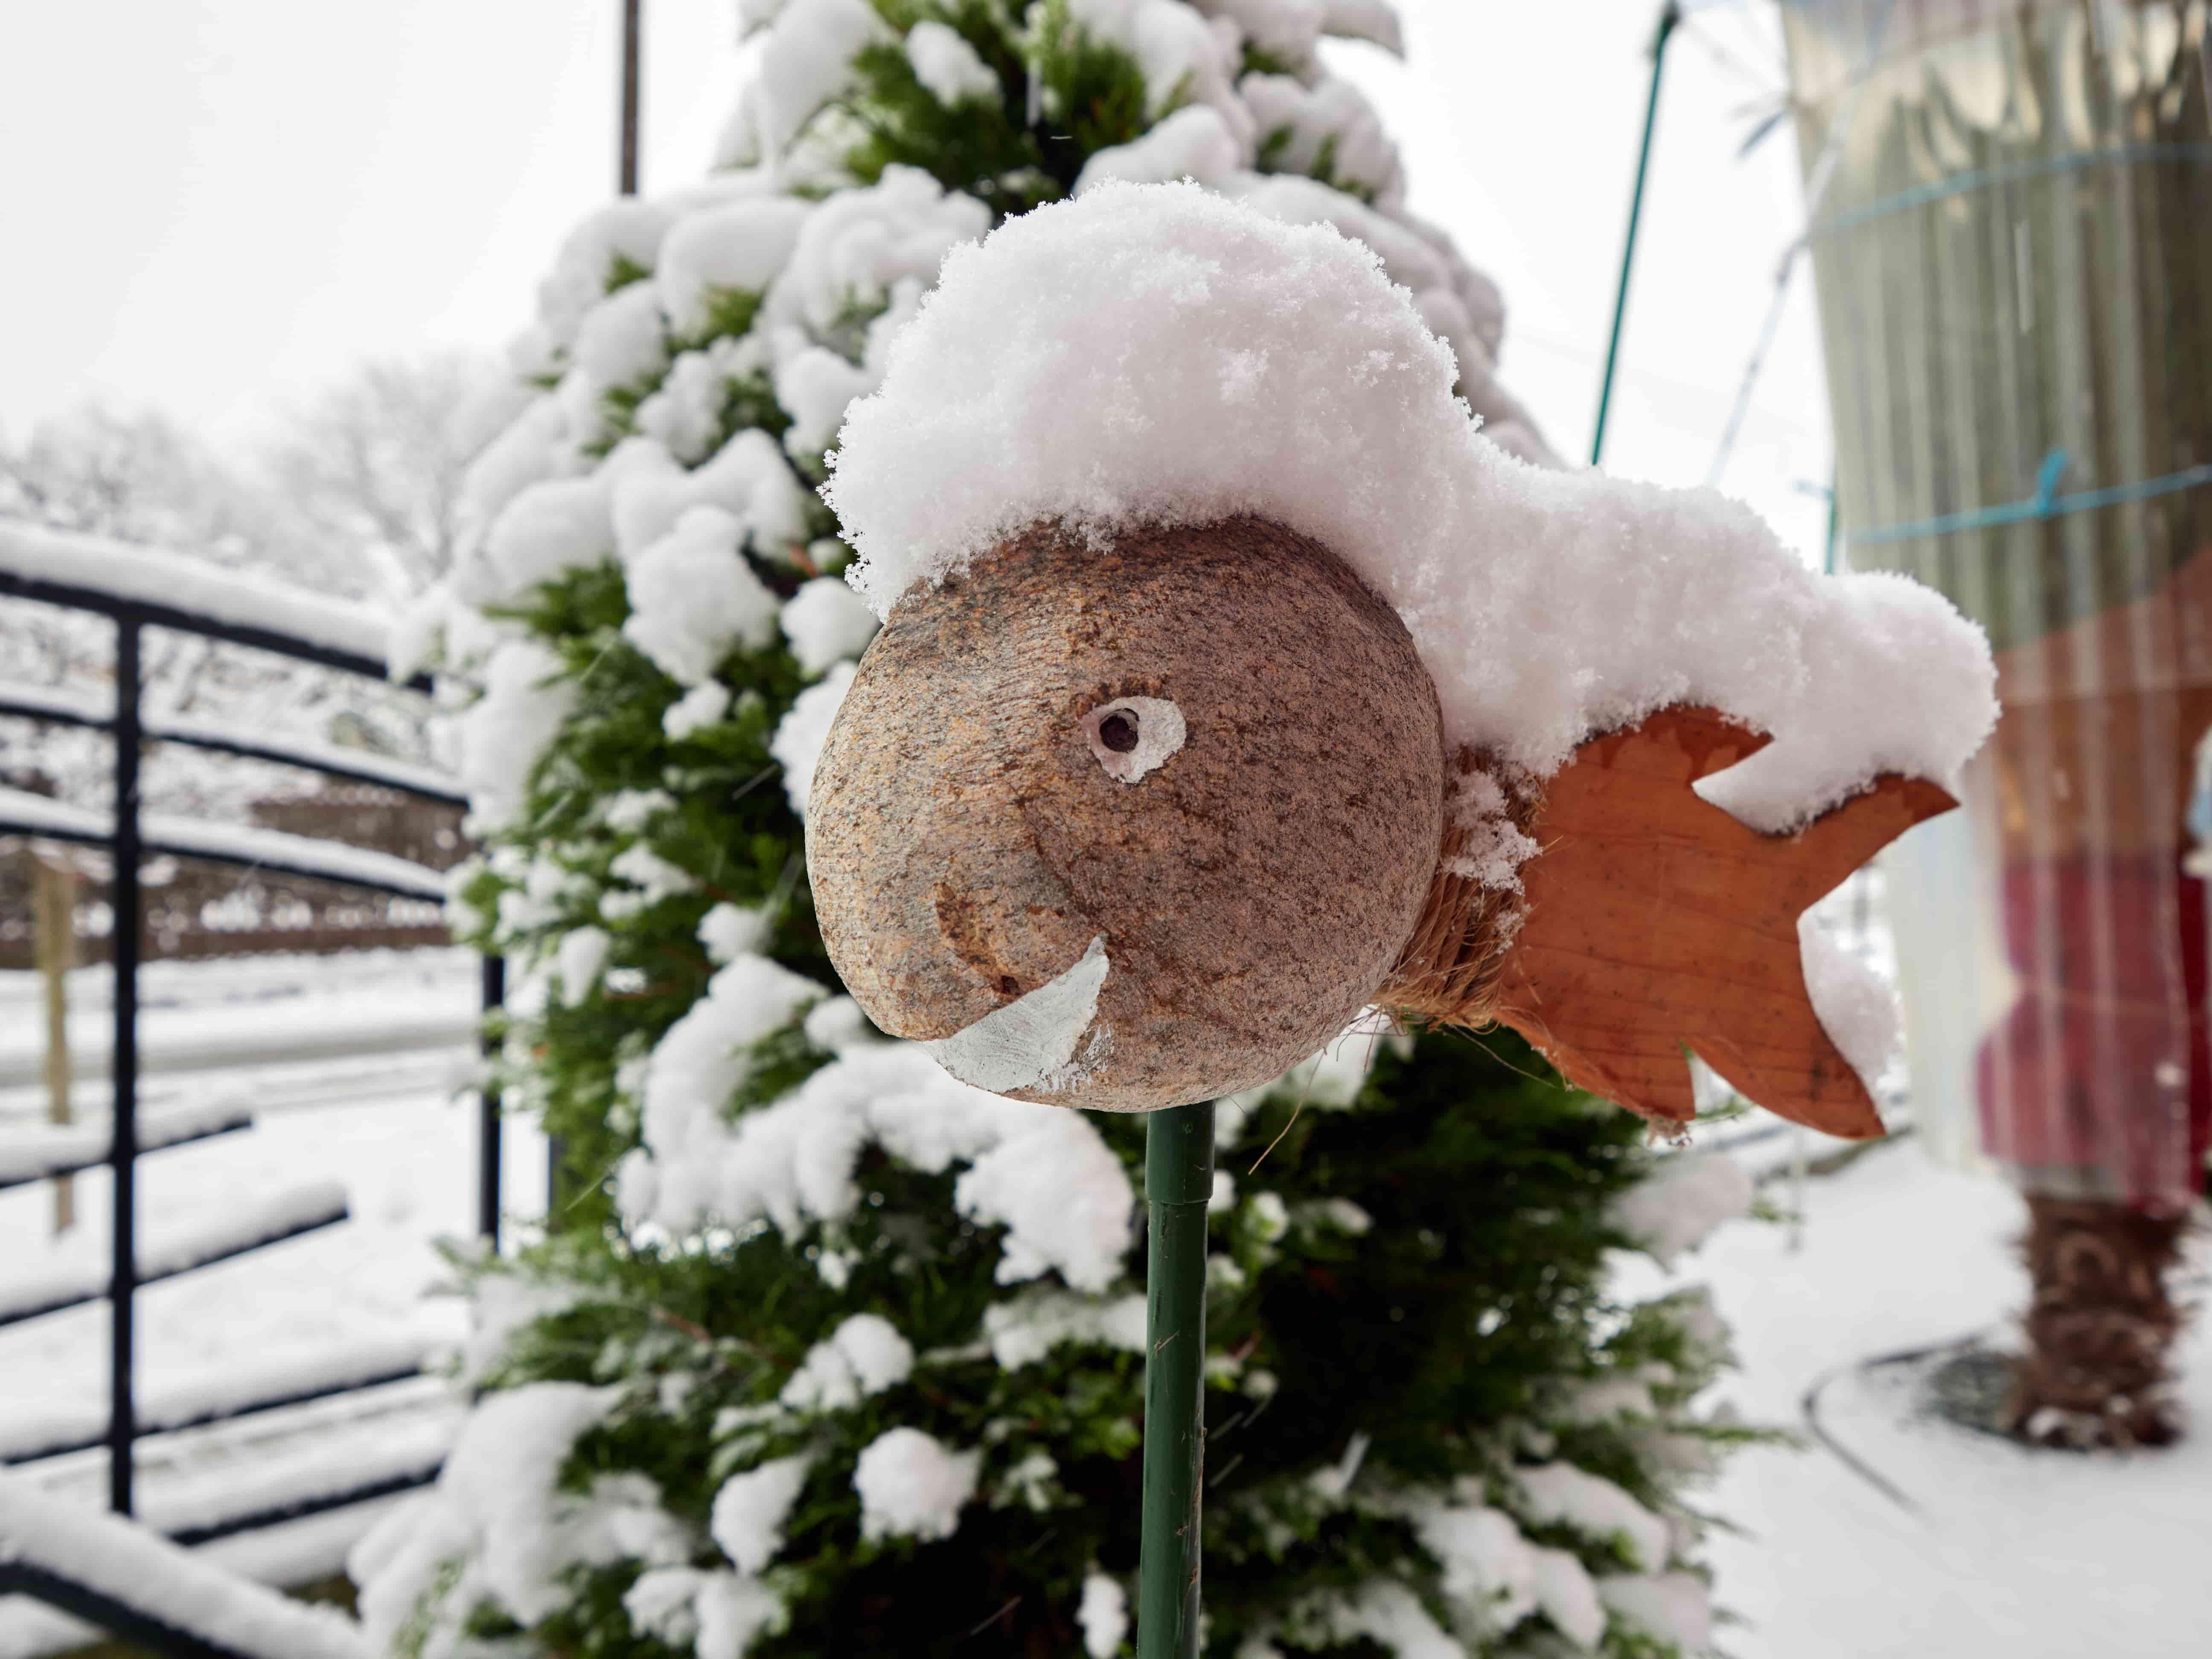 01_2021_LP_Winter_Schnee P1240166